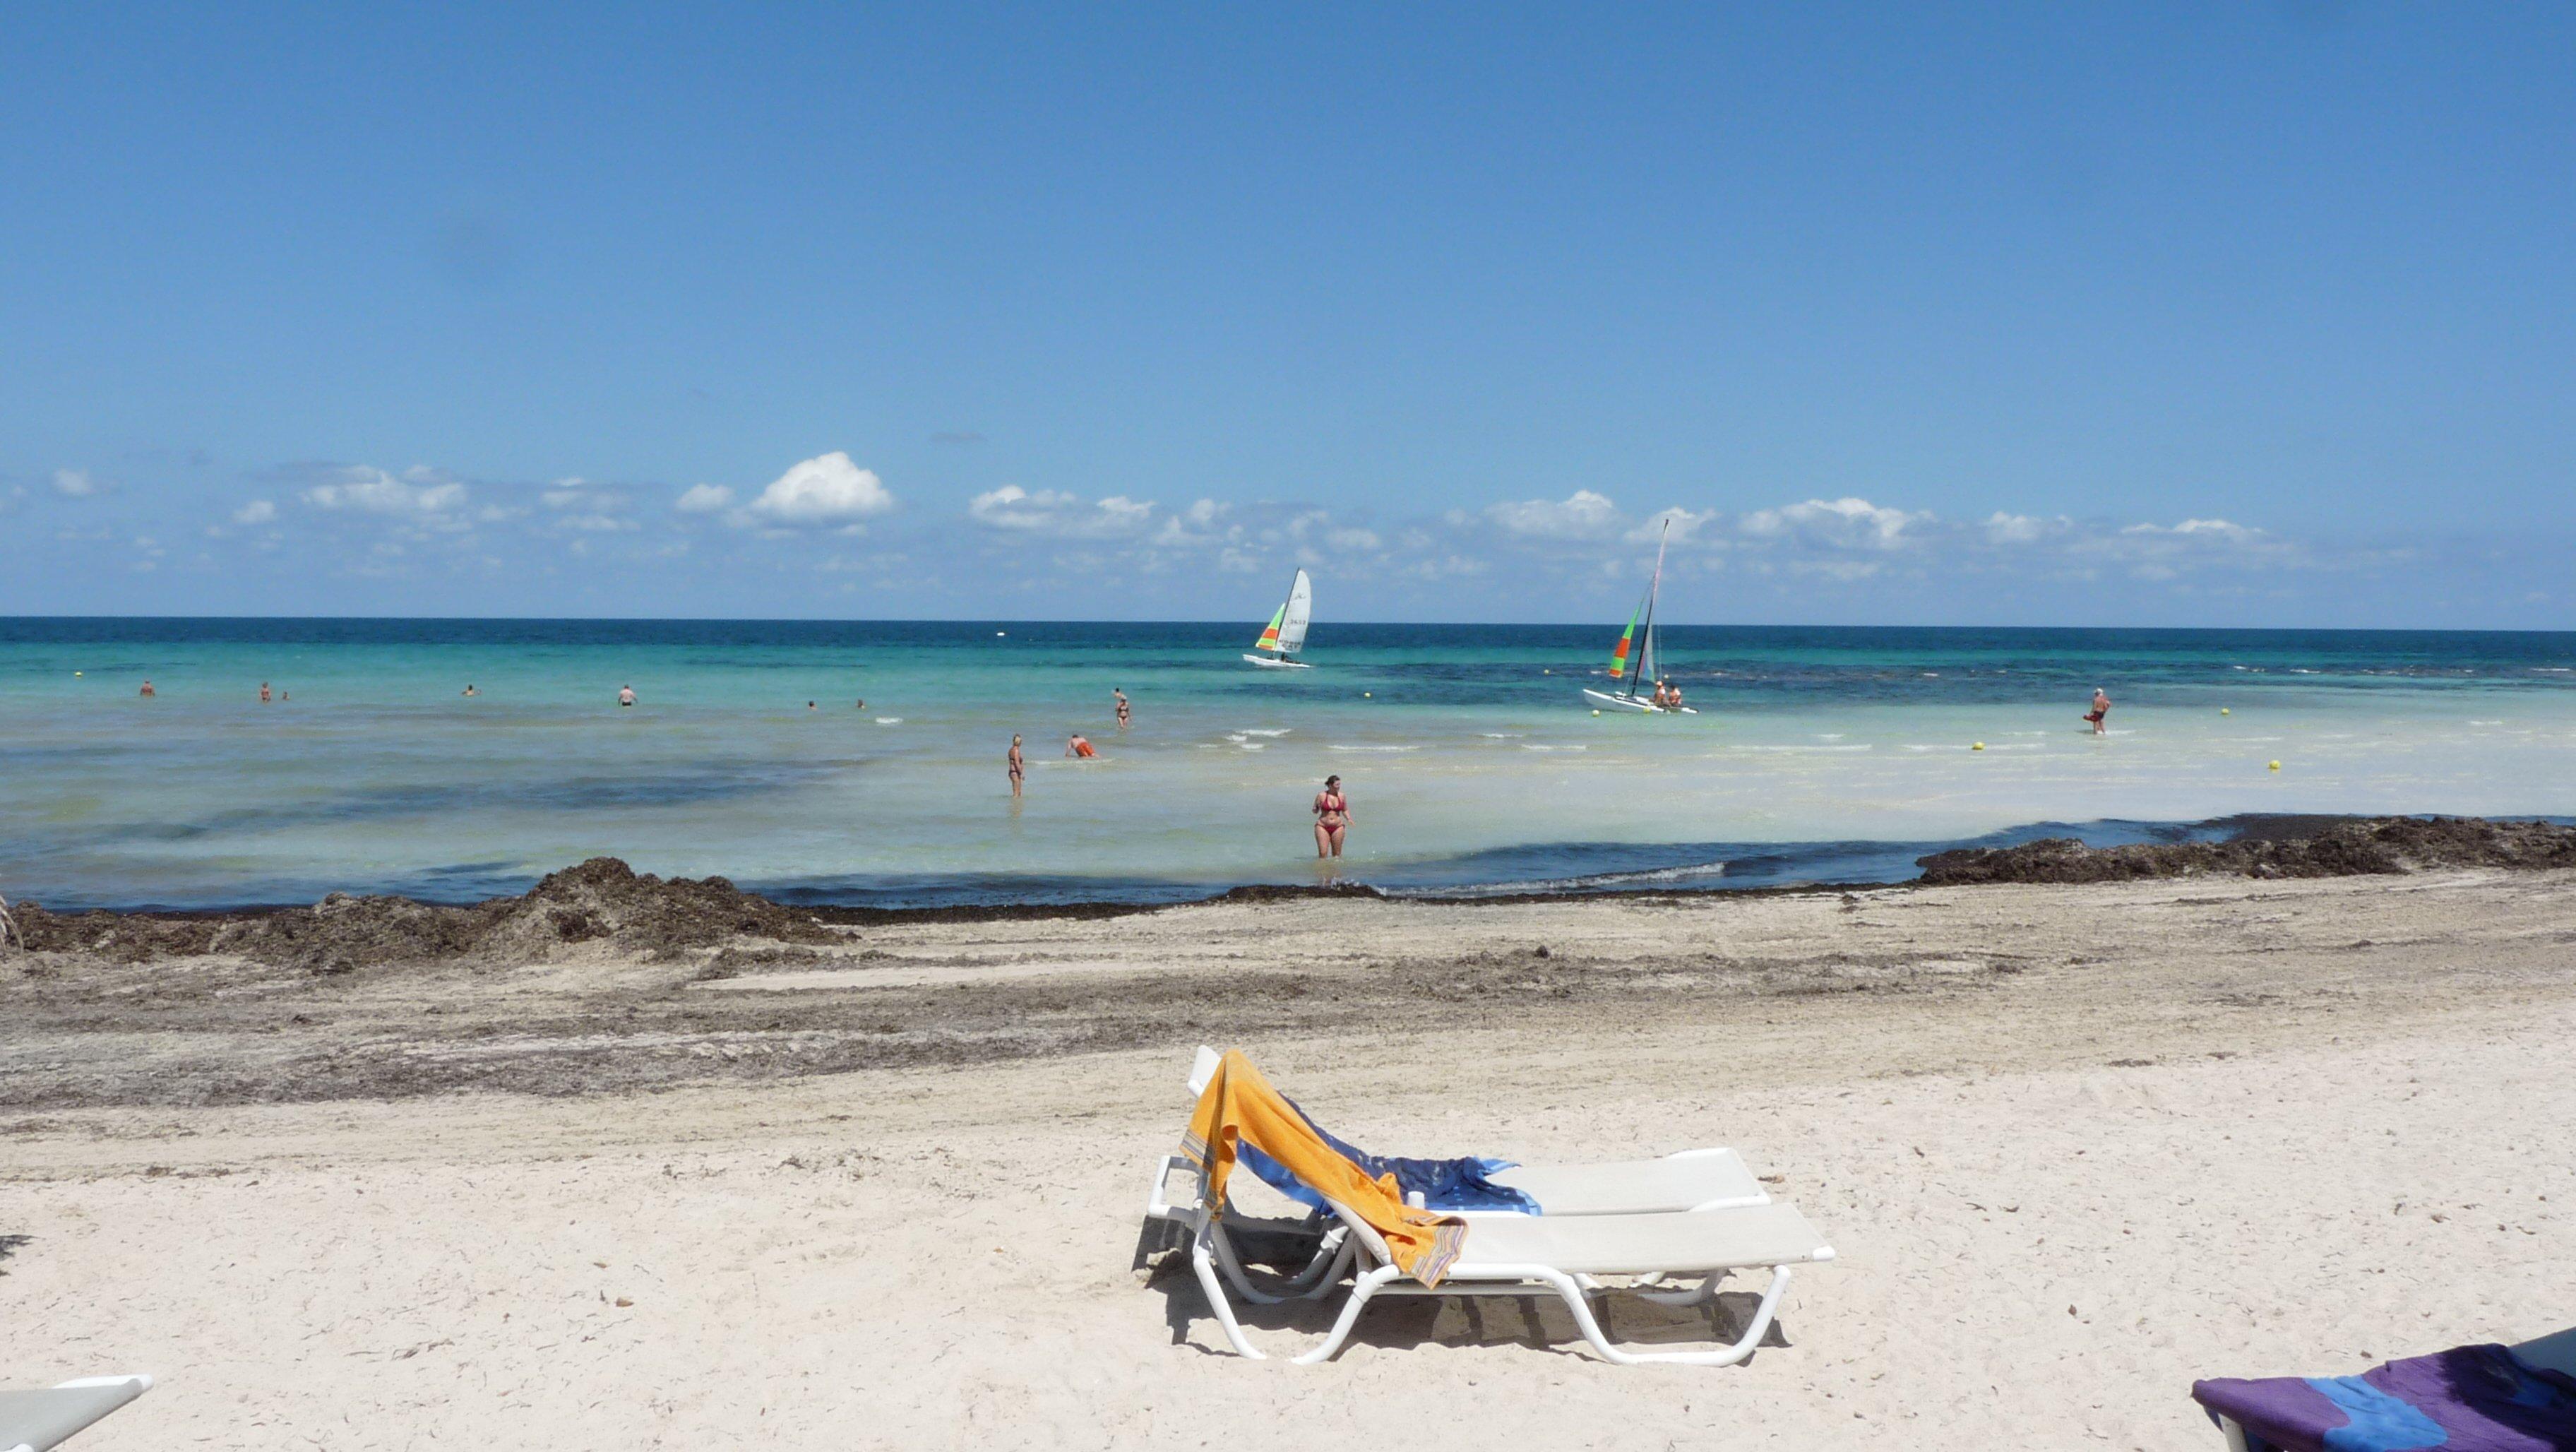 Strandleben auf Djerba. Urheber: Phil_Heck, Lizenz: creative commons (Namensnennung)